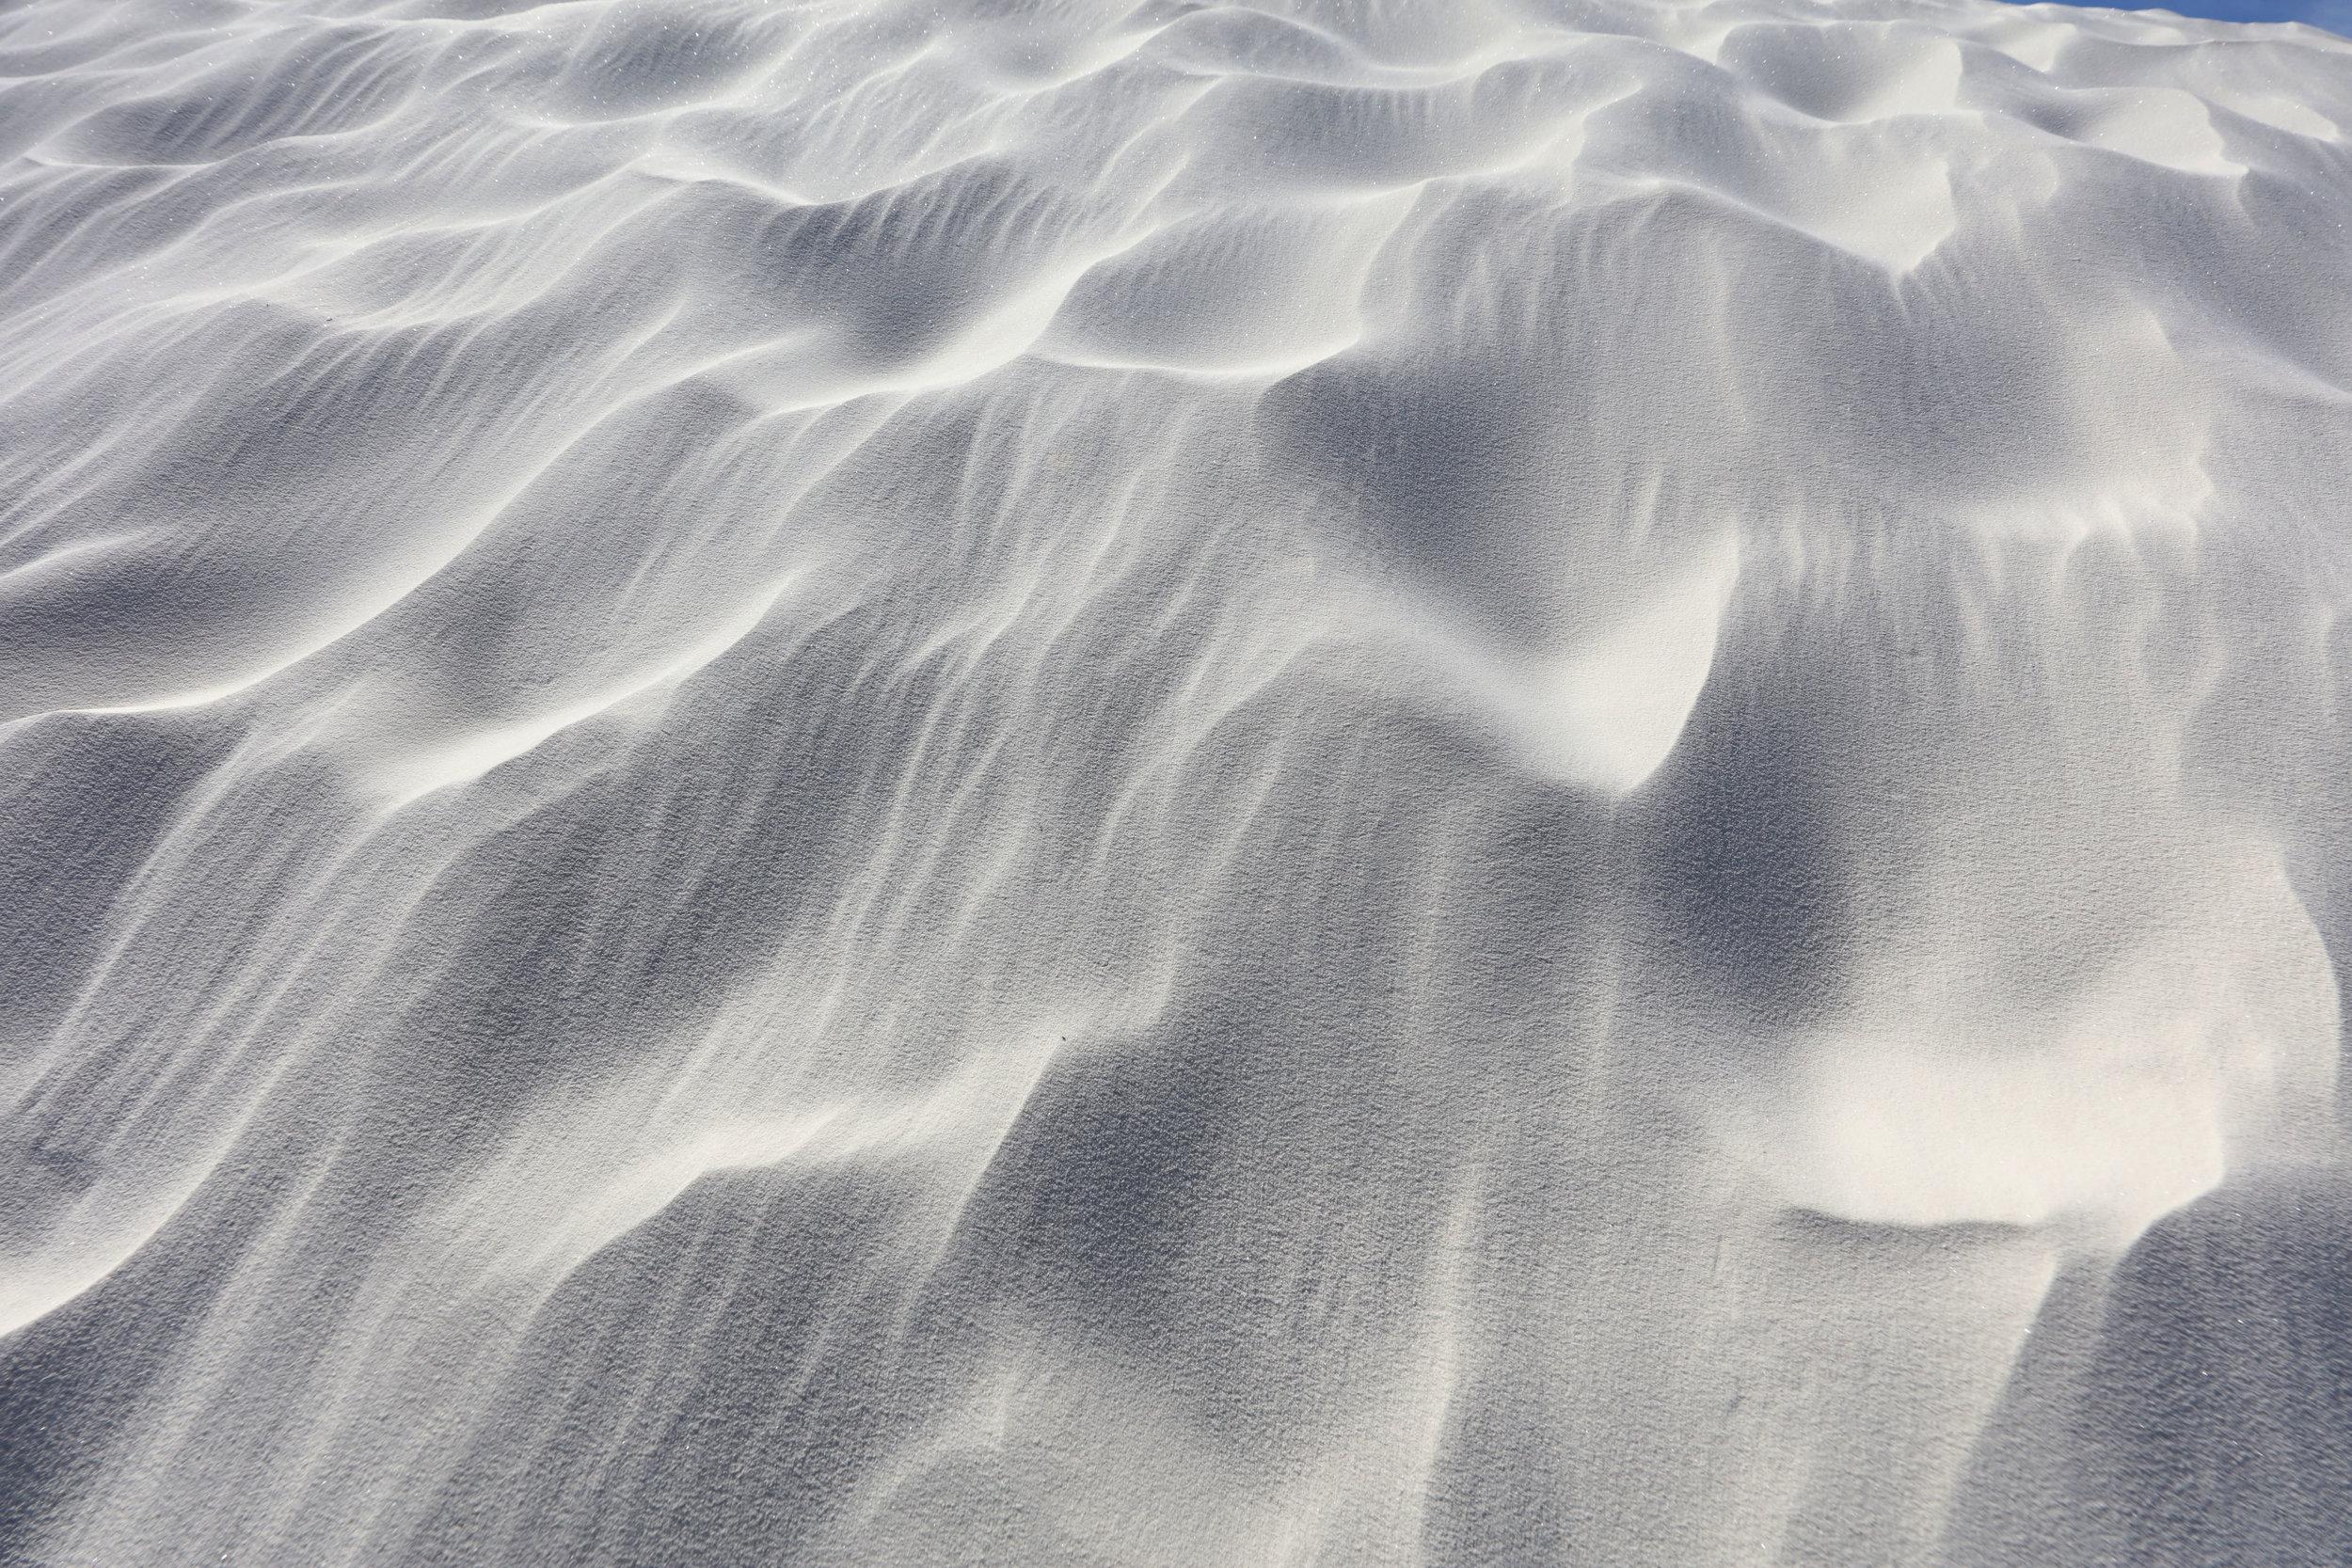 White Sands National Monument 3.JPG